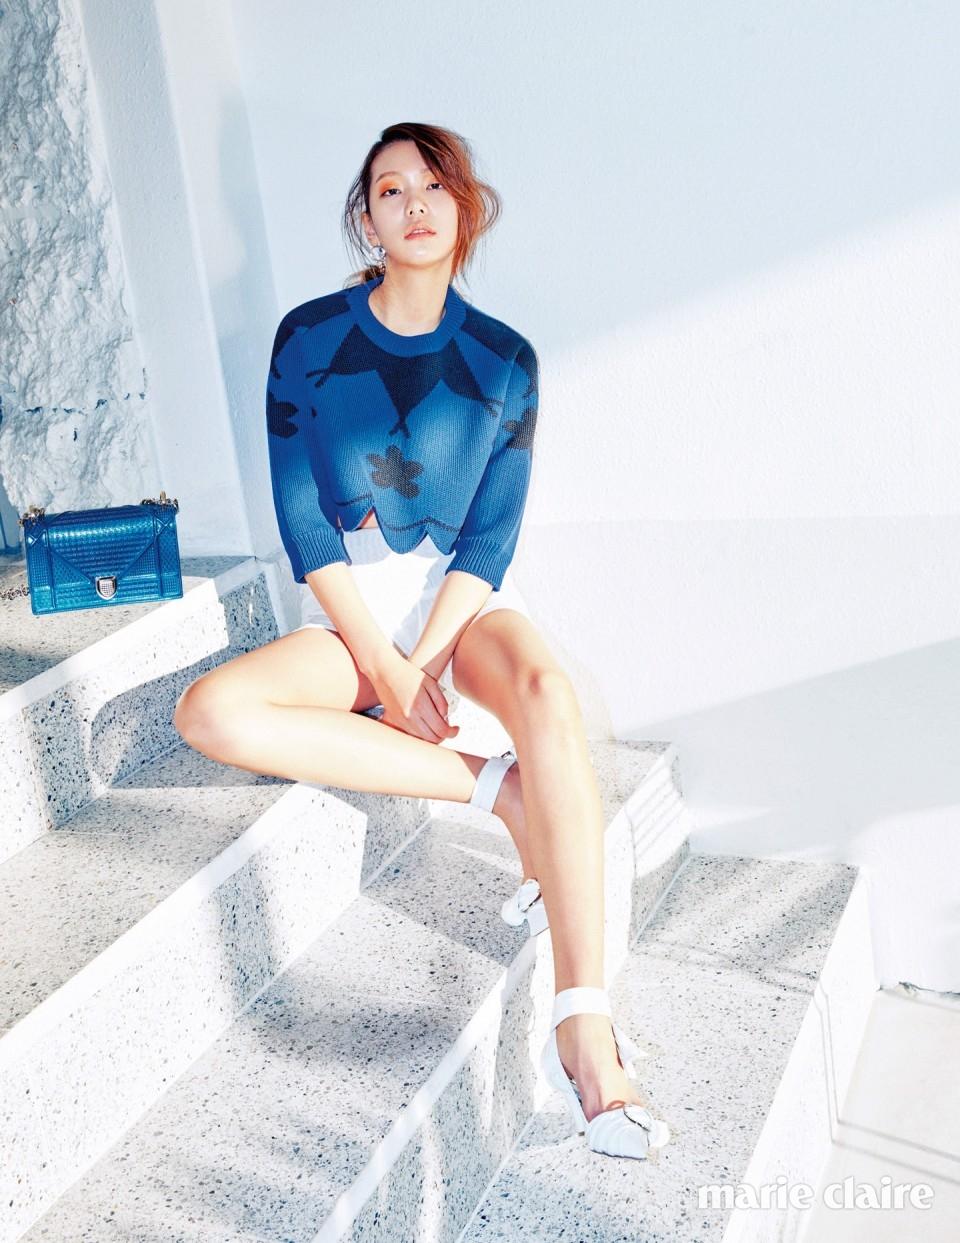 짙은 블루 컬러가 매력적인 니트 크롭트 톱과 화이트 쇼츠, 투명한 원석 싱글 이어링, 버클 디테일 화이트 스트랩 슈즈, 메탈 블루 컬러의 디올라마 백 모두 디올(Dior).